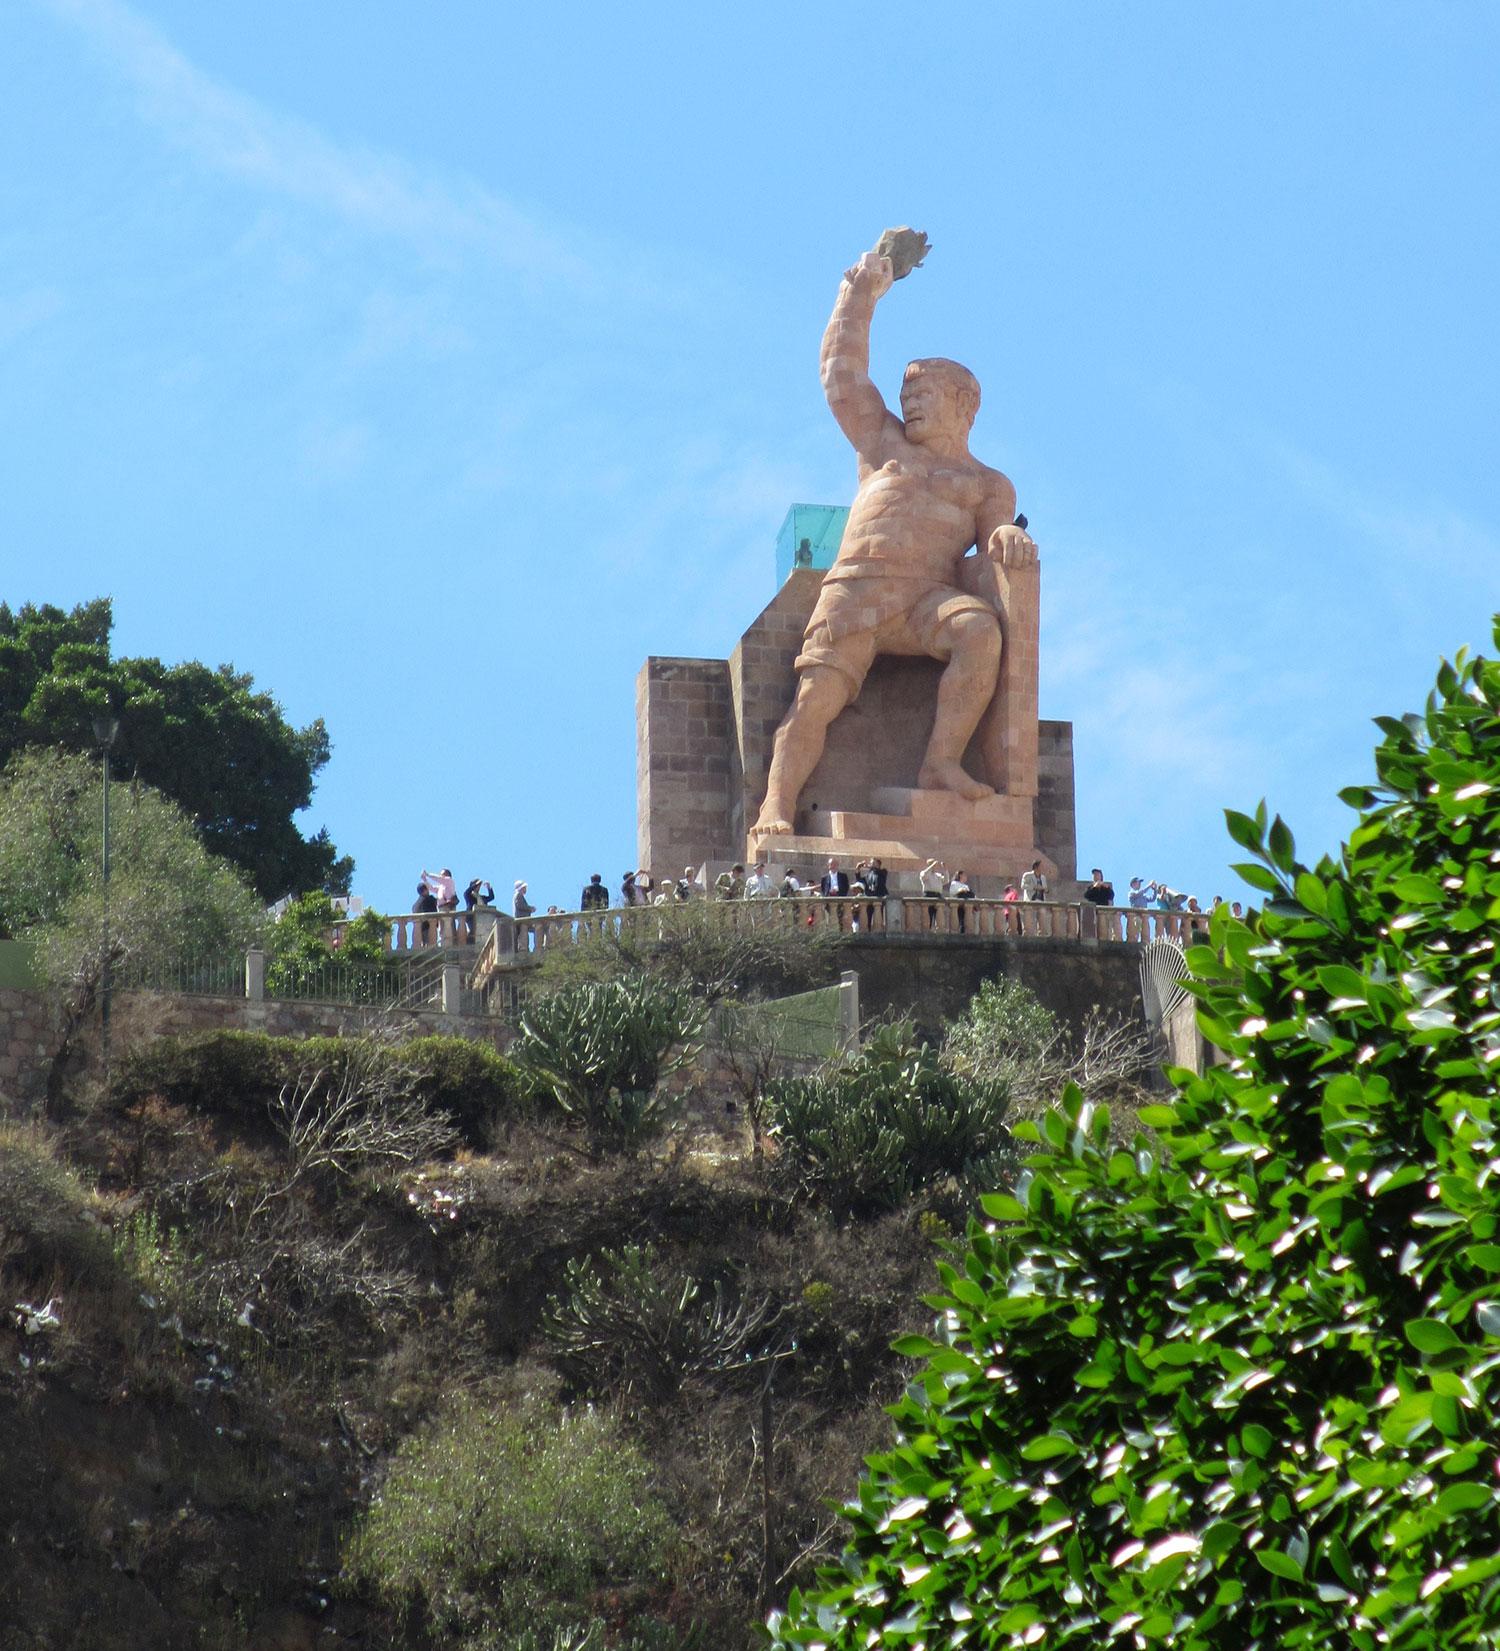 Hammocks_and_Ruins_Mayan_Mythology_What_to_Do_Mexico_Maya_Guanajuato_24.jpg